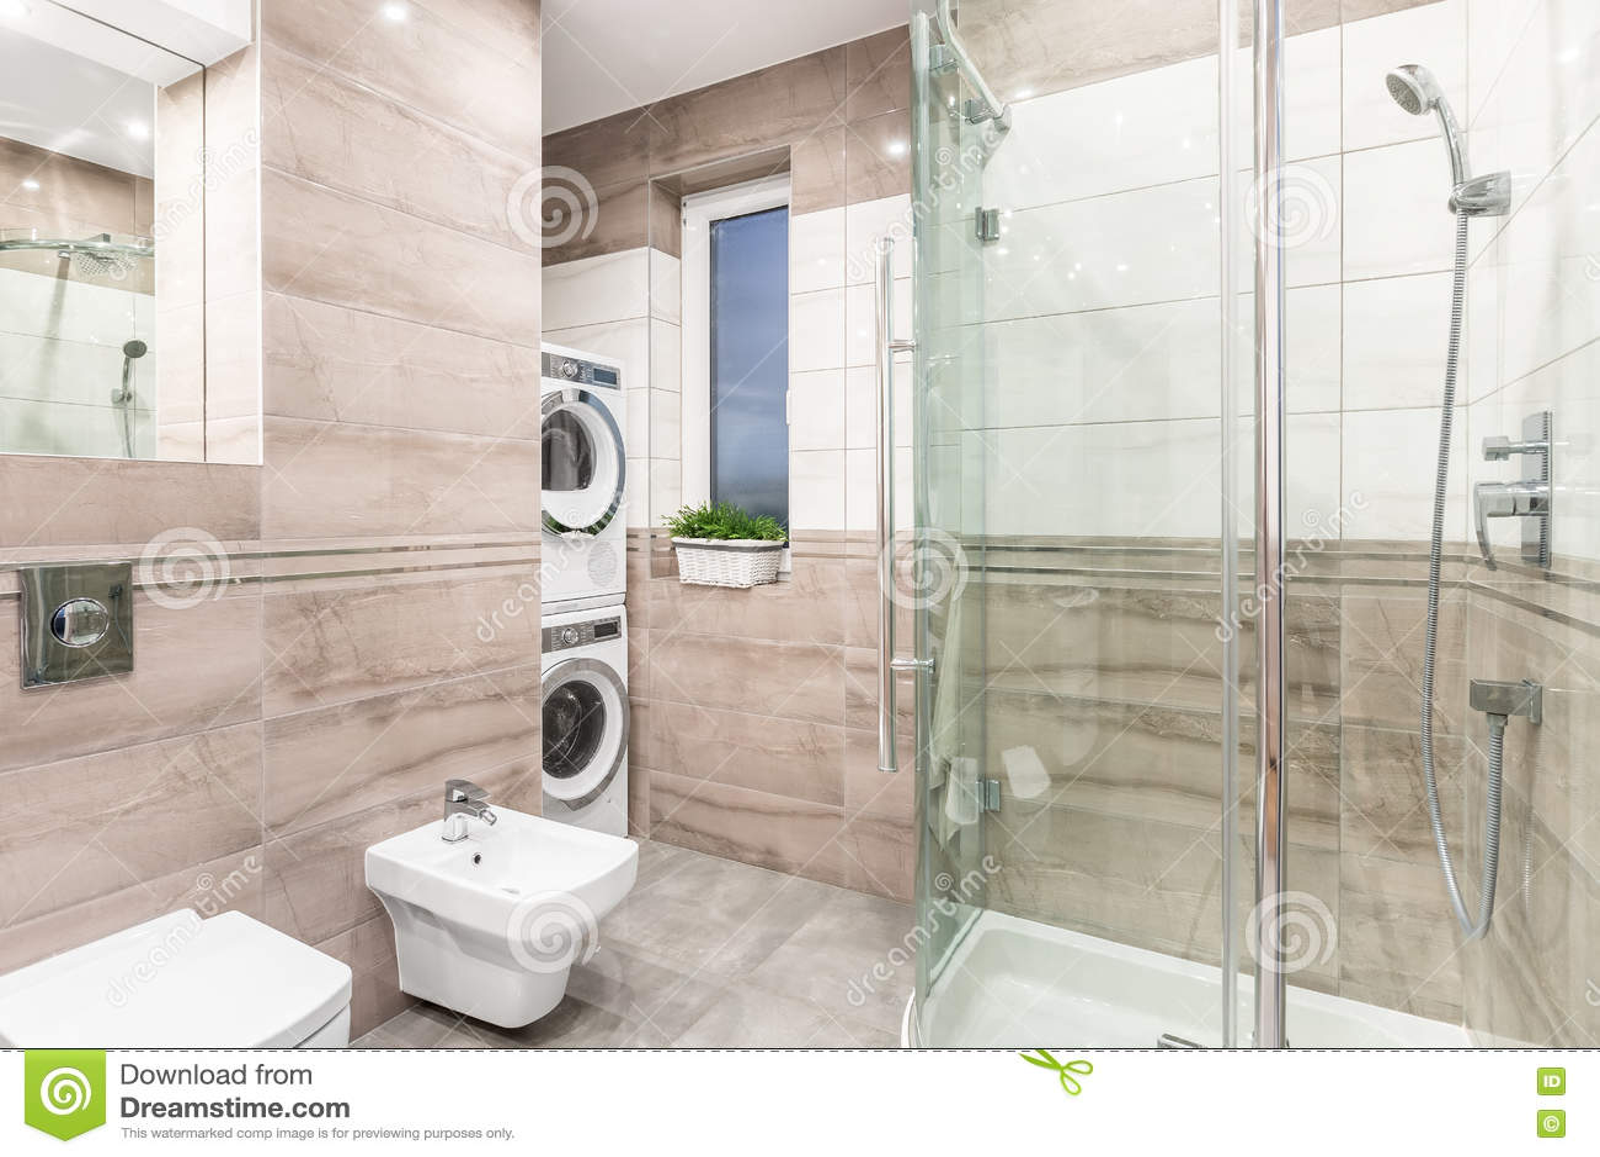 Kombinerade tvättstuga och badrum arkivfoto   bild: 76456863